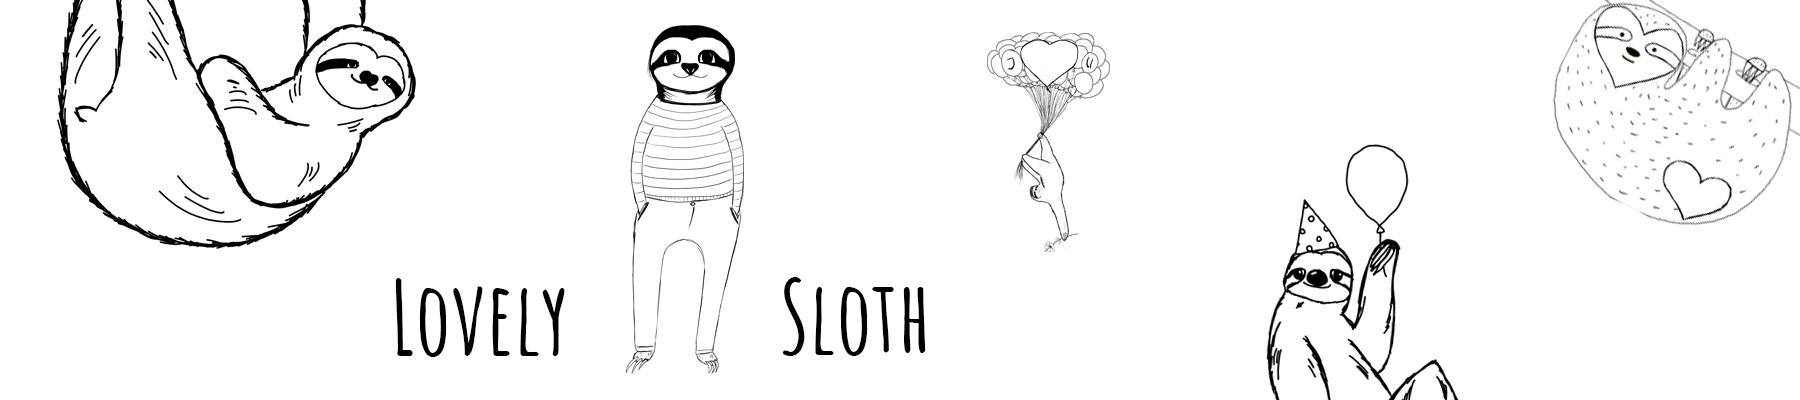 Lovely Sloth Headerbild schwarz weiss